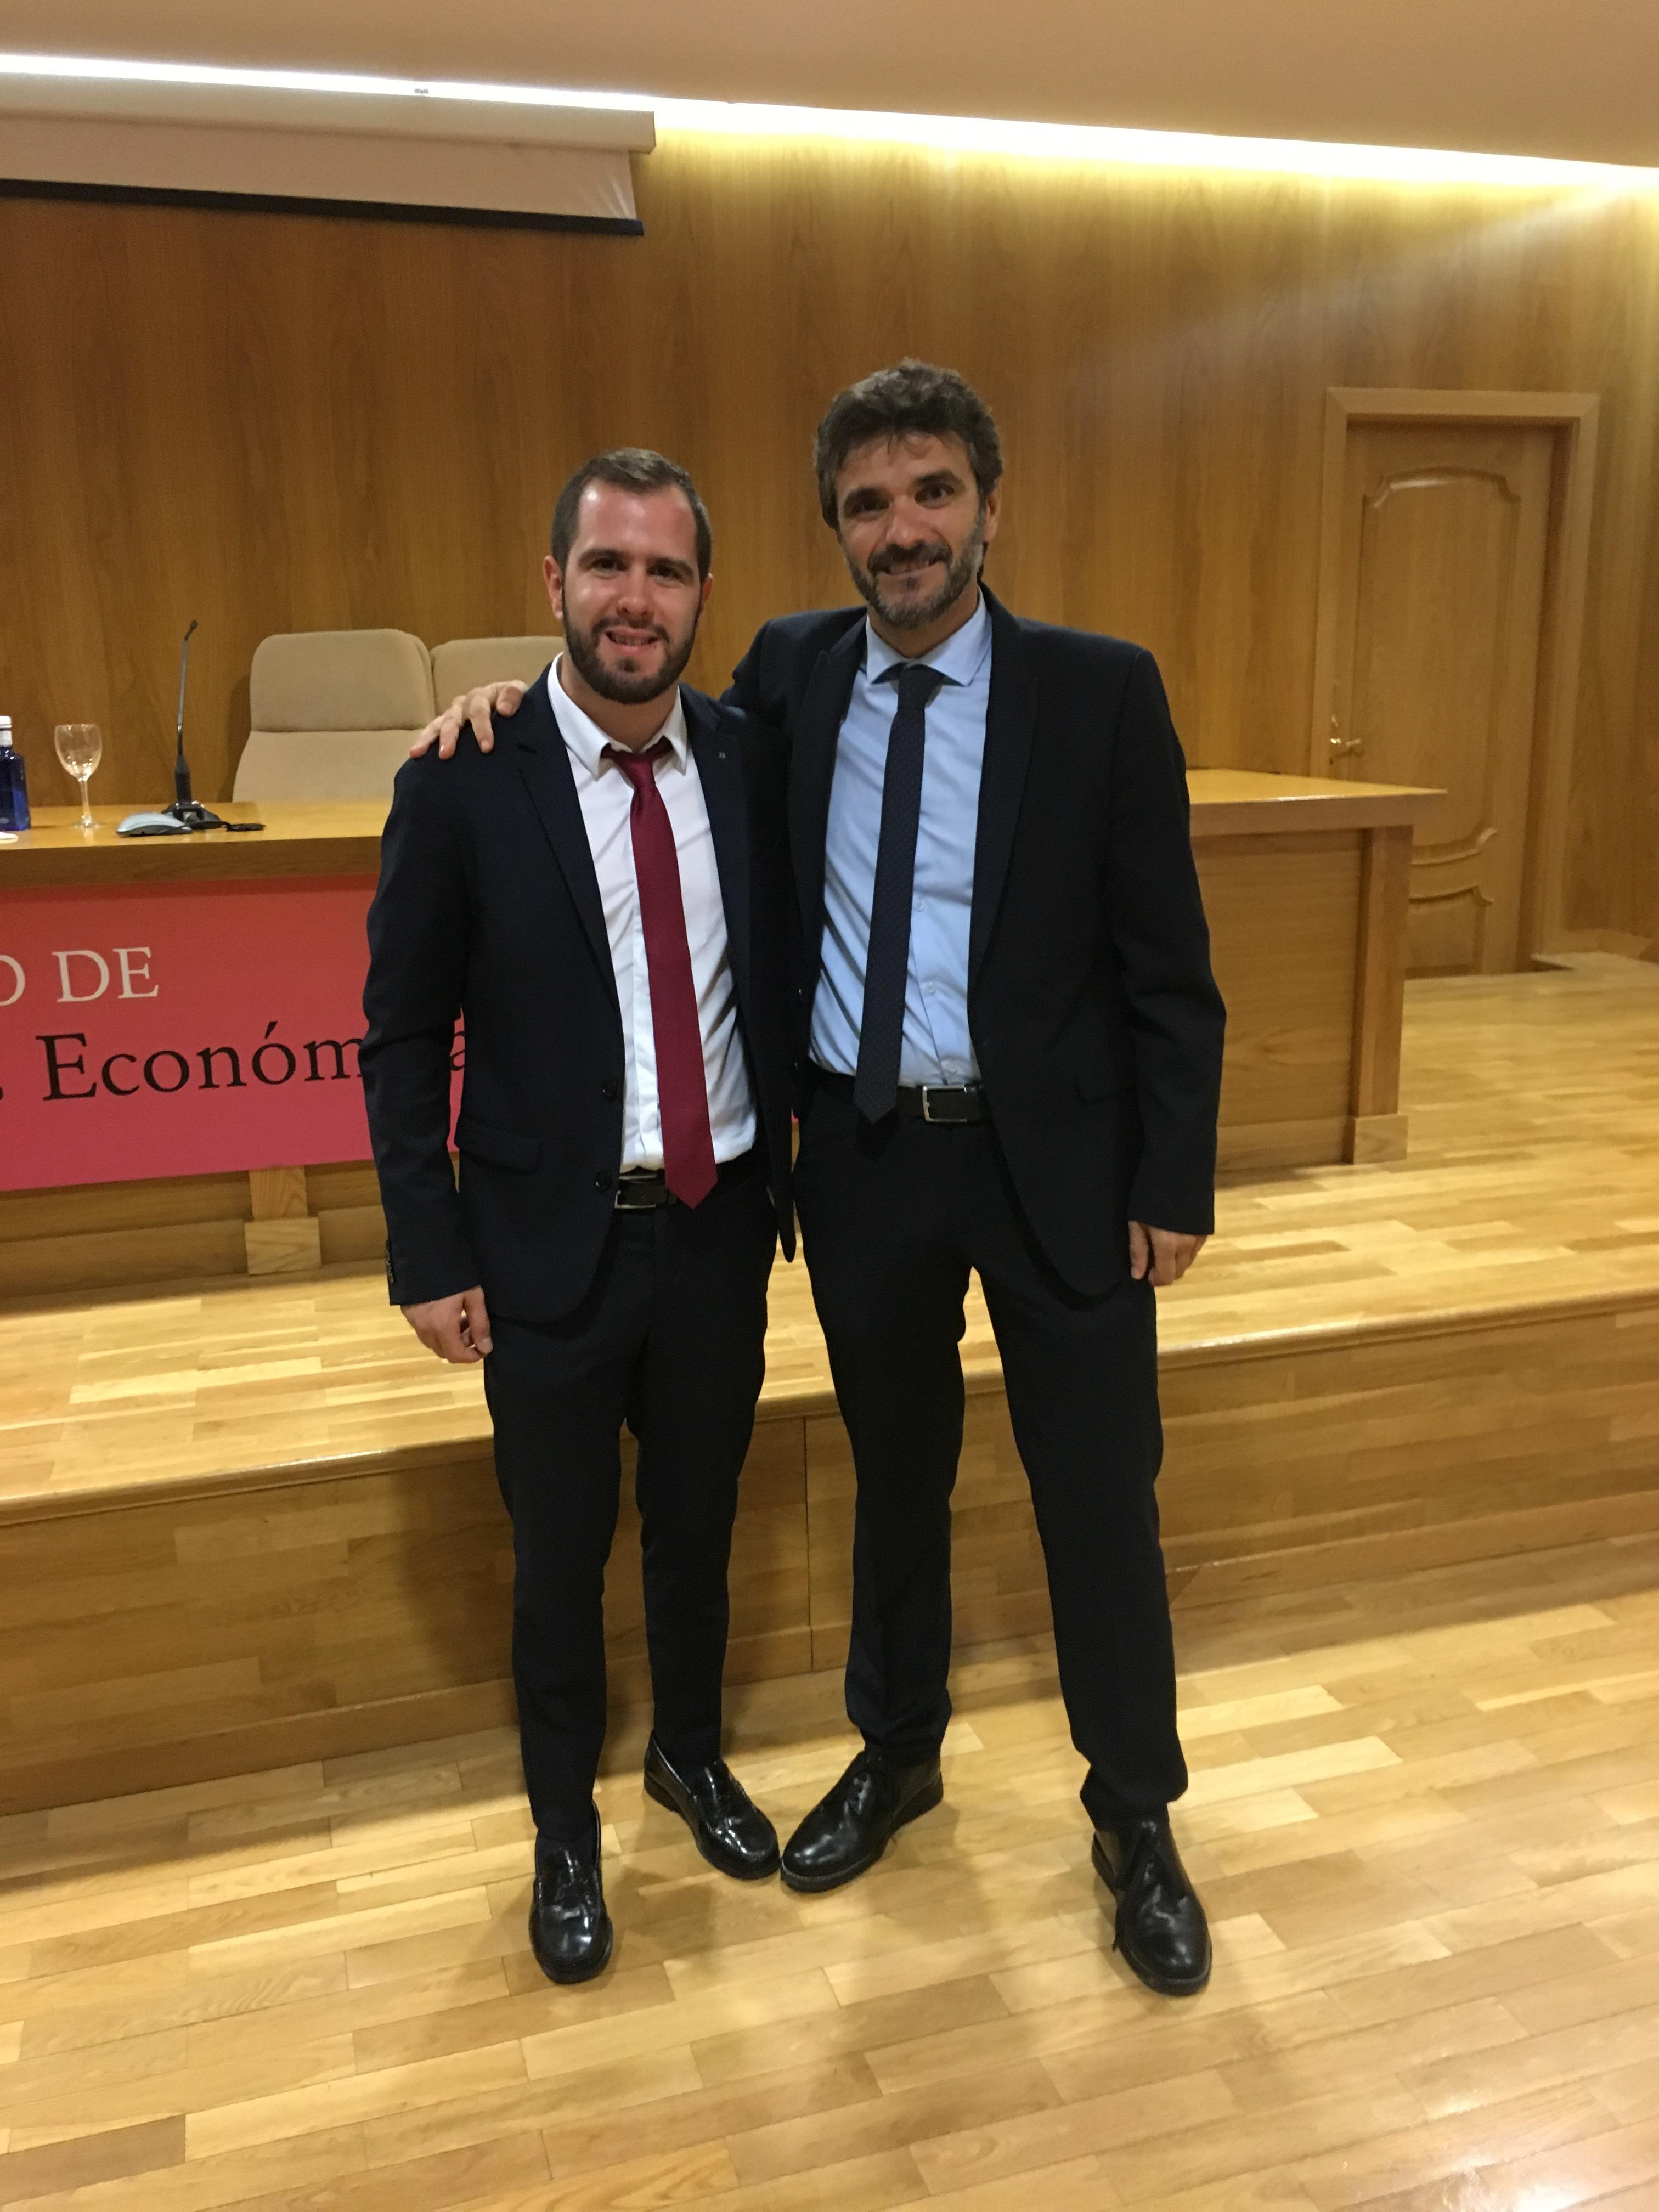 Los investigadores de la UGR Juan Sánchez Fernández y Luis Alberto Casado Aranda, autores de este trabajo